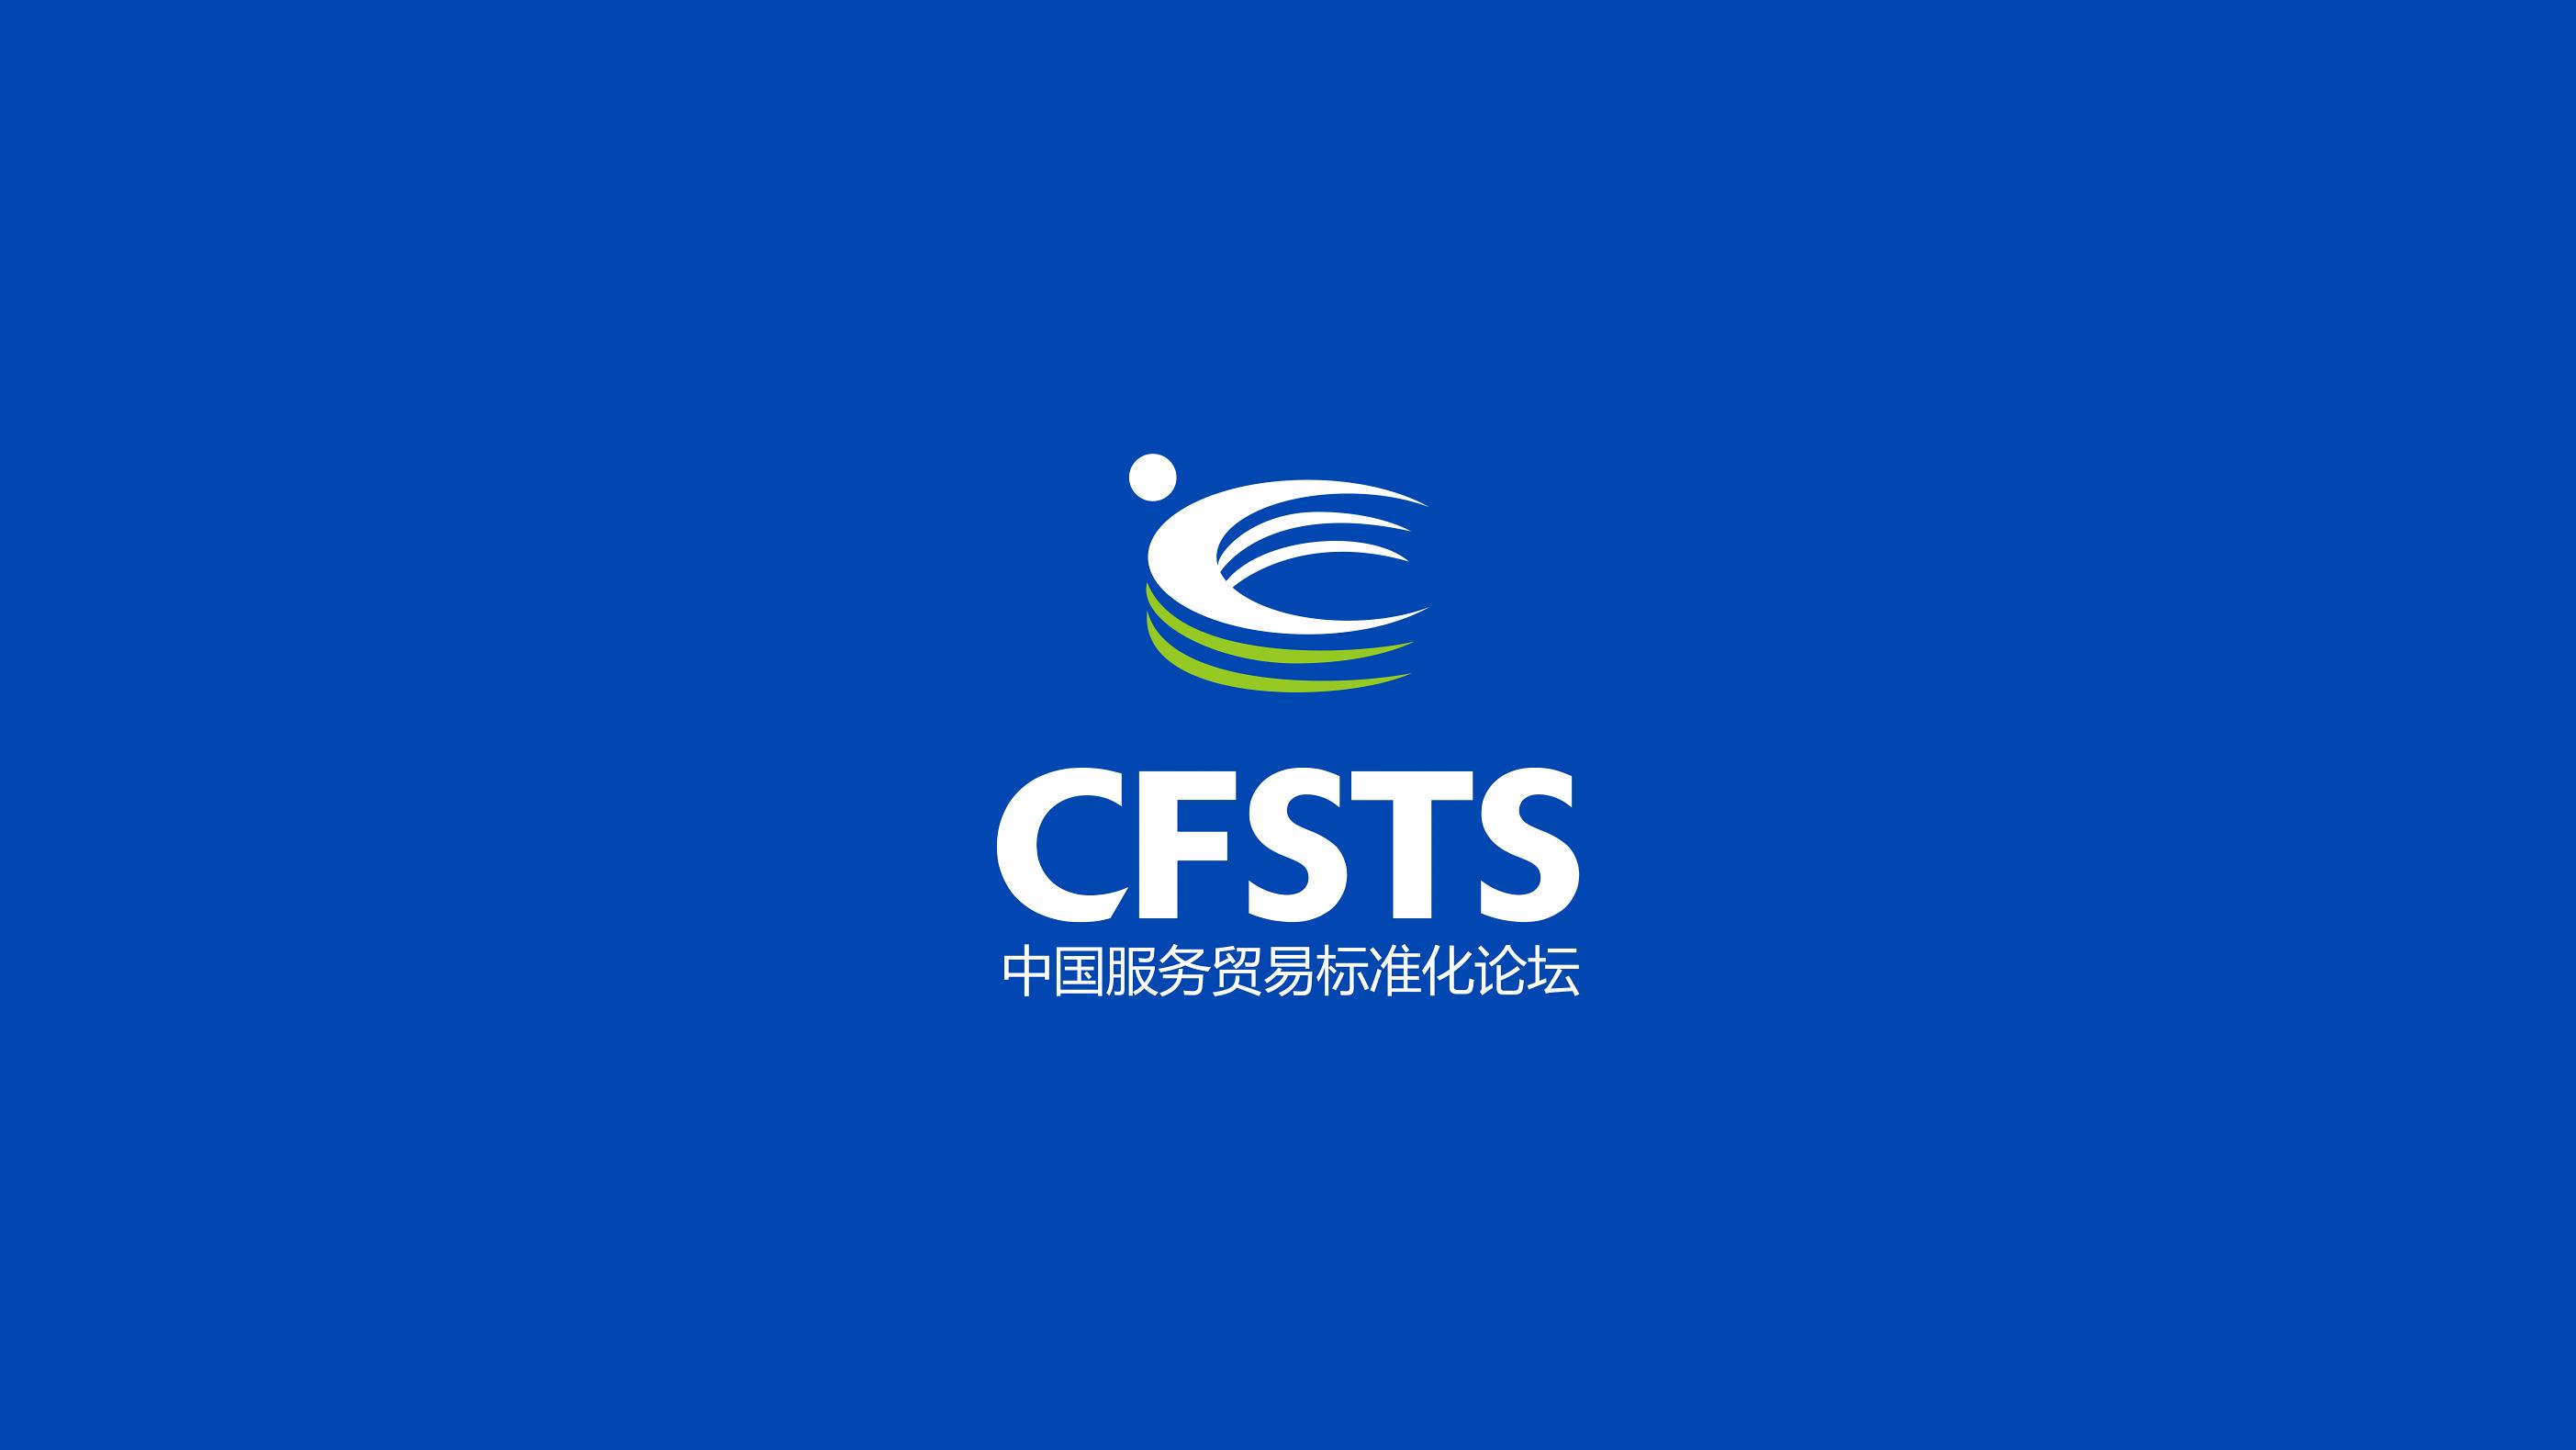 中国服务贸易标准化论坛logo征集方案_3038322_k68威客网